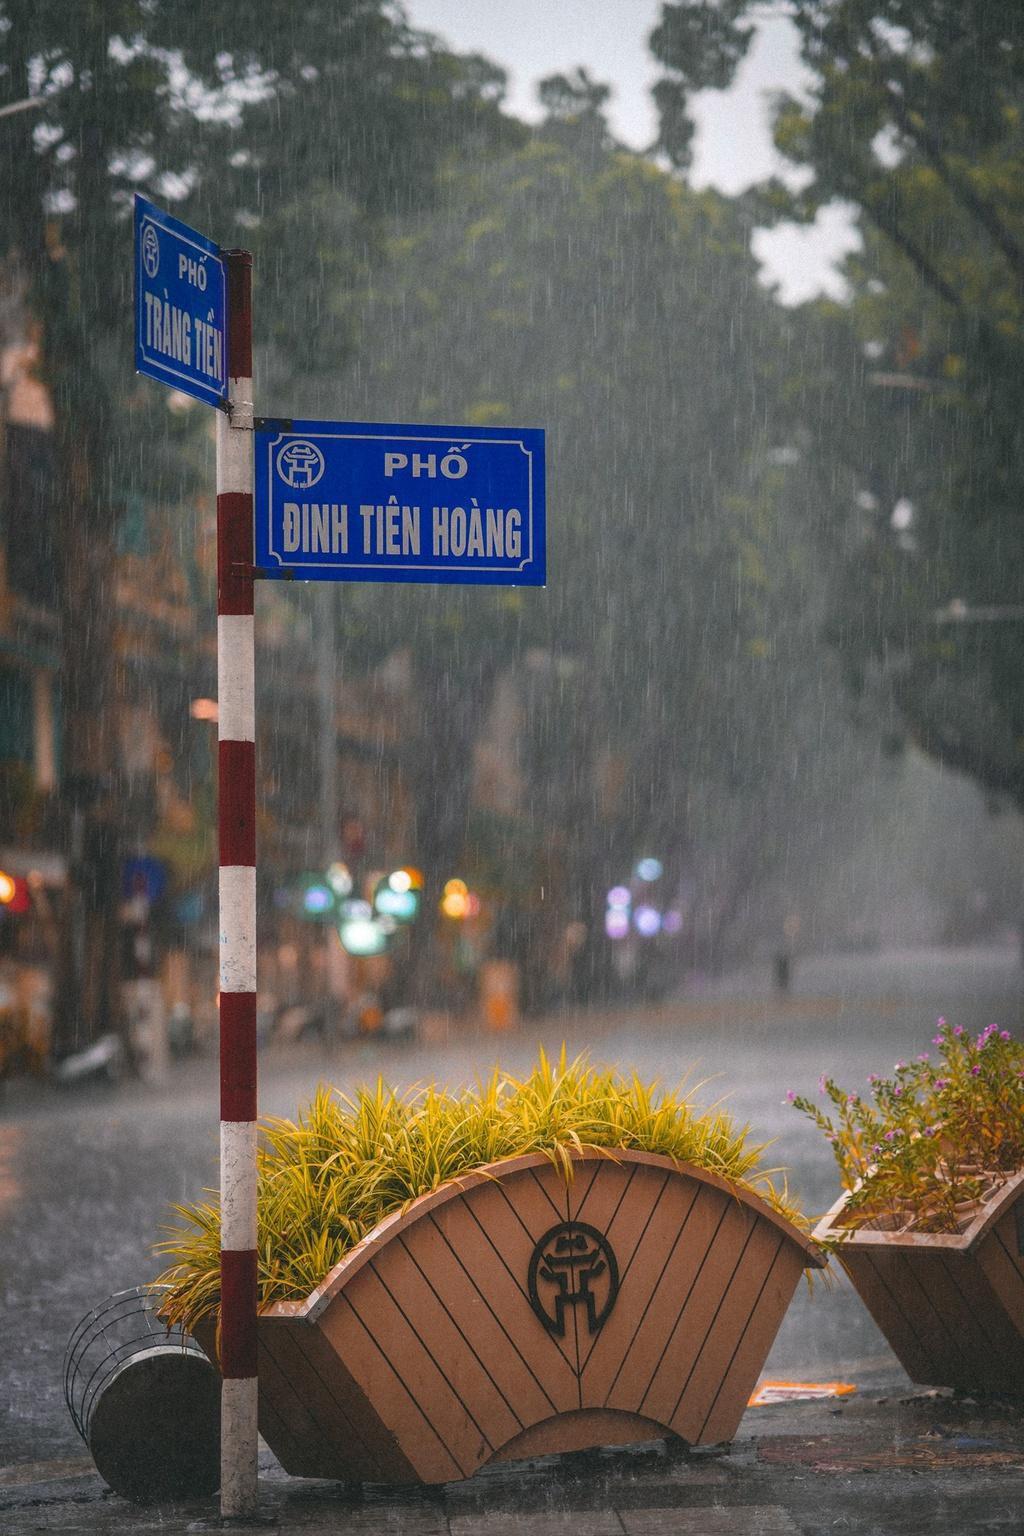 Bức tranh Hà Nội dưới cơn mưa vội ngày cuối tuần Ảnh 8